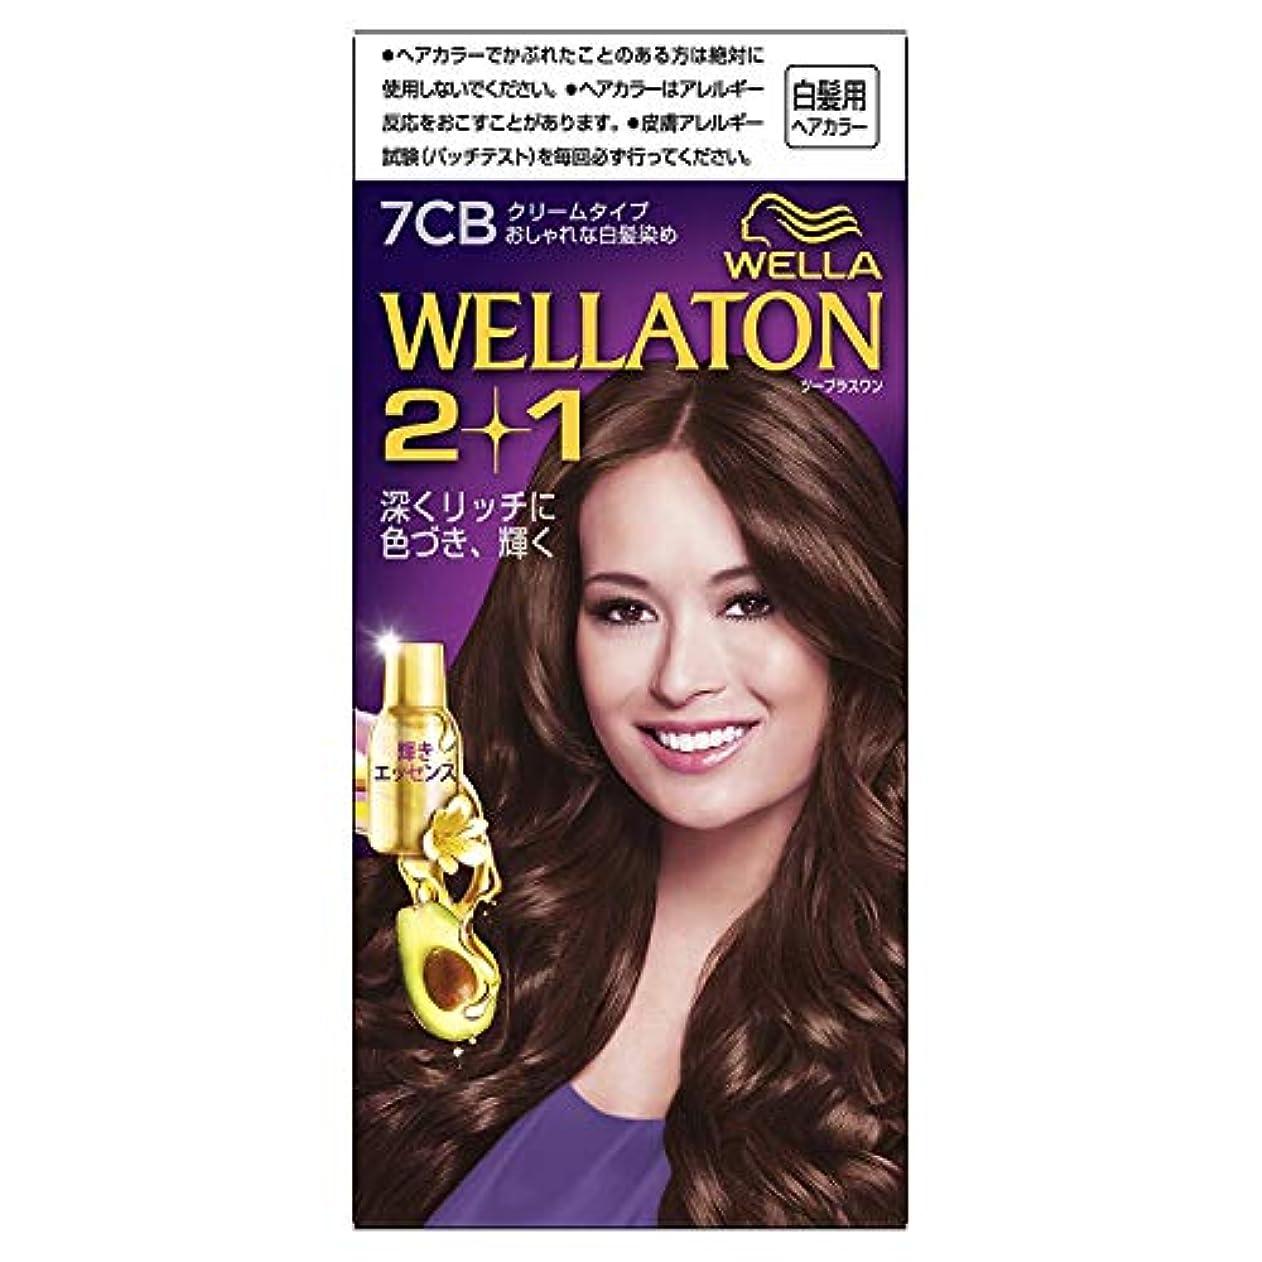 花婿生活電圧ウエラトーン2+1 白髪染め クリームタイプ 7CB [医薬部外品]×3個